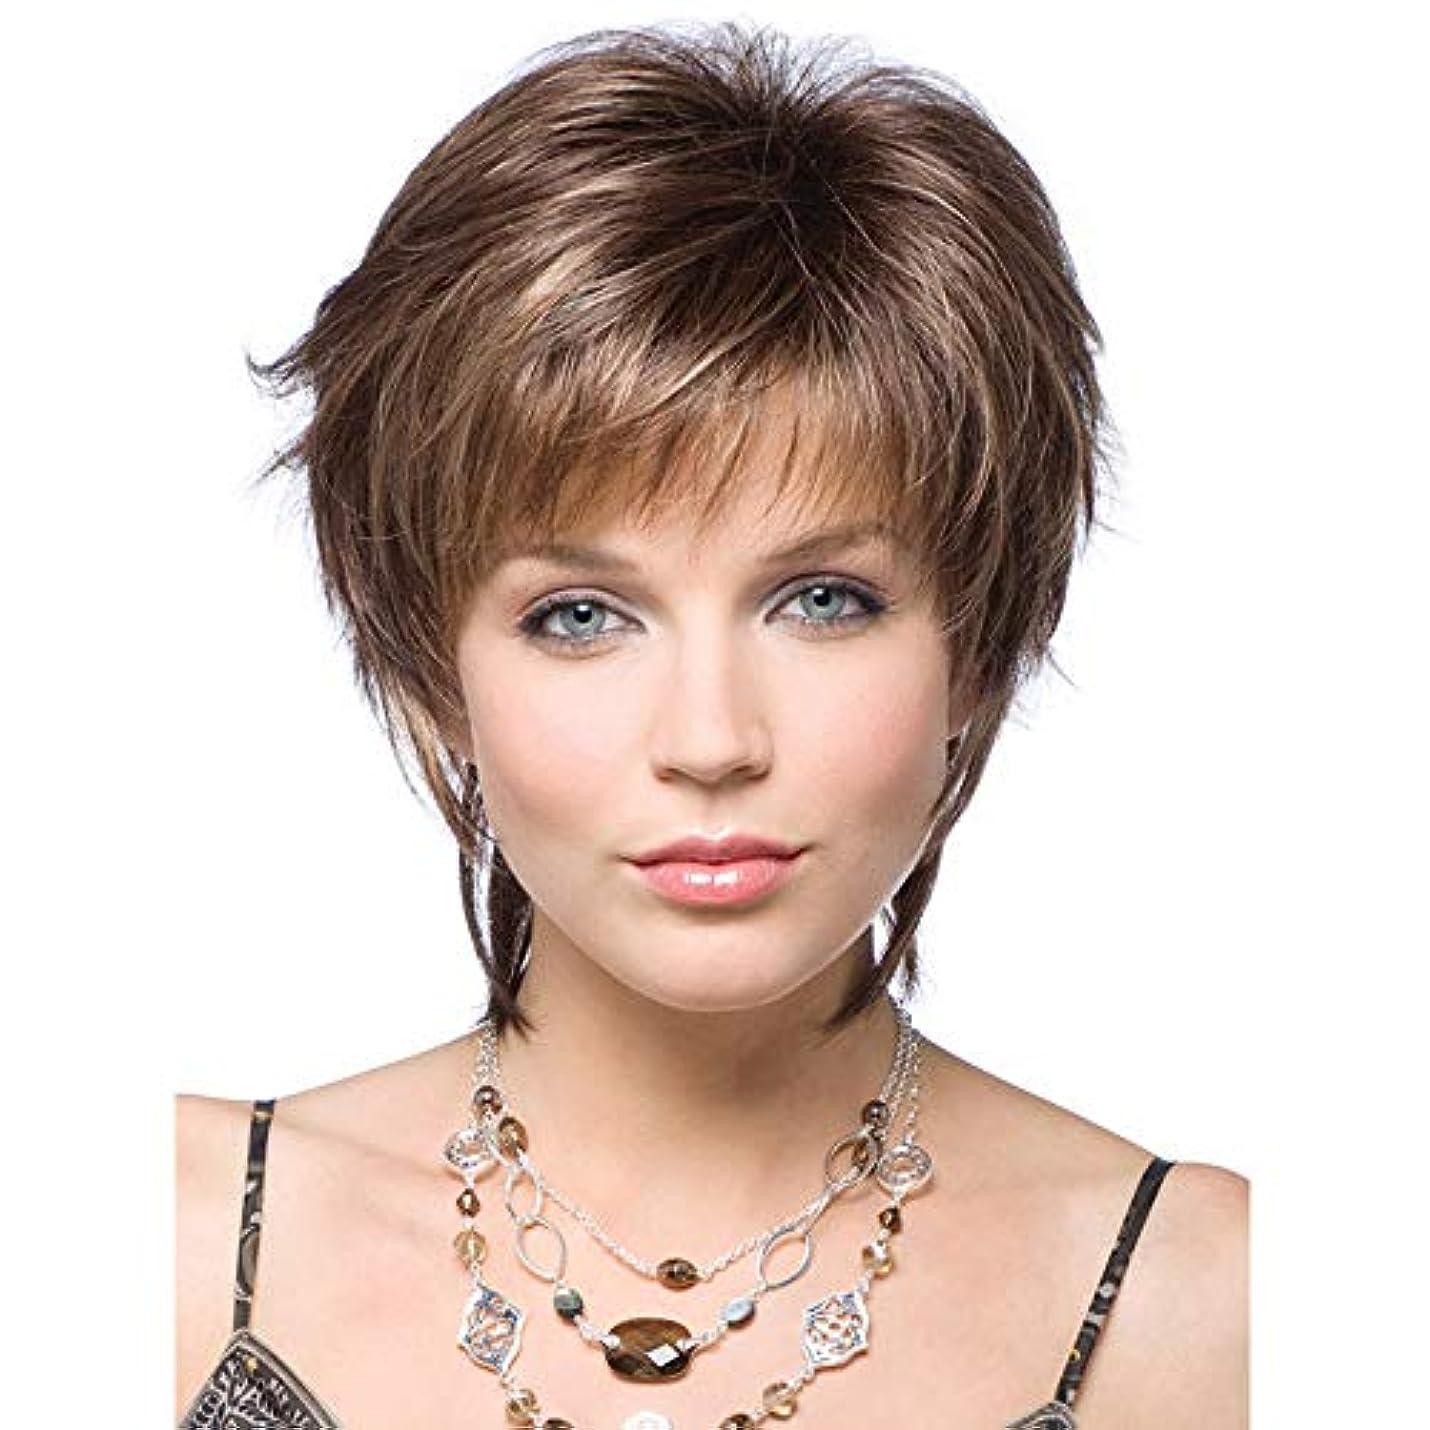 洞察力のある入場料特別に女性用かつら180%密度合成耐熱ショーツブラジル人毛ウィッグブラウン25cm